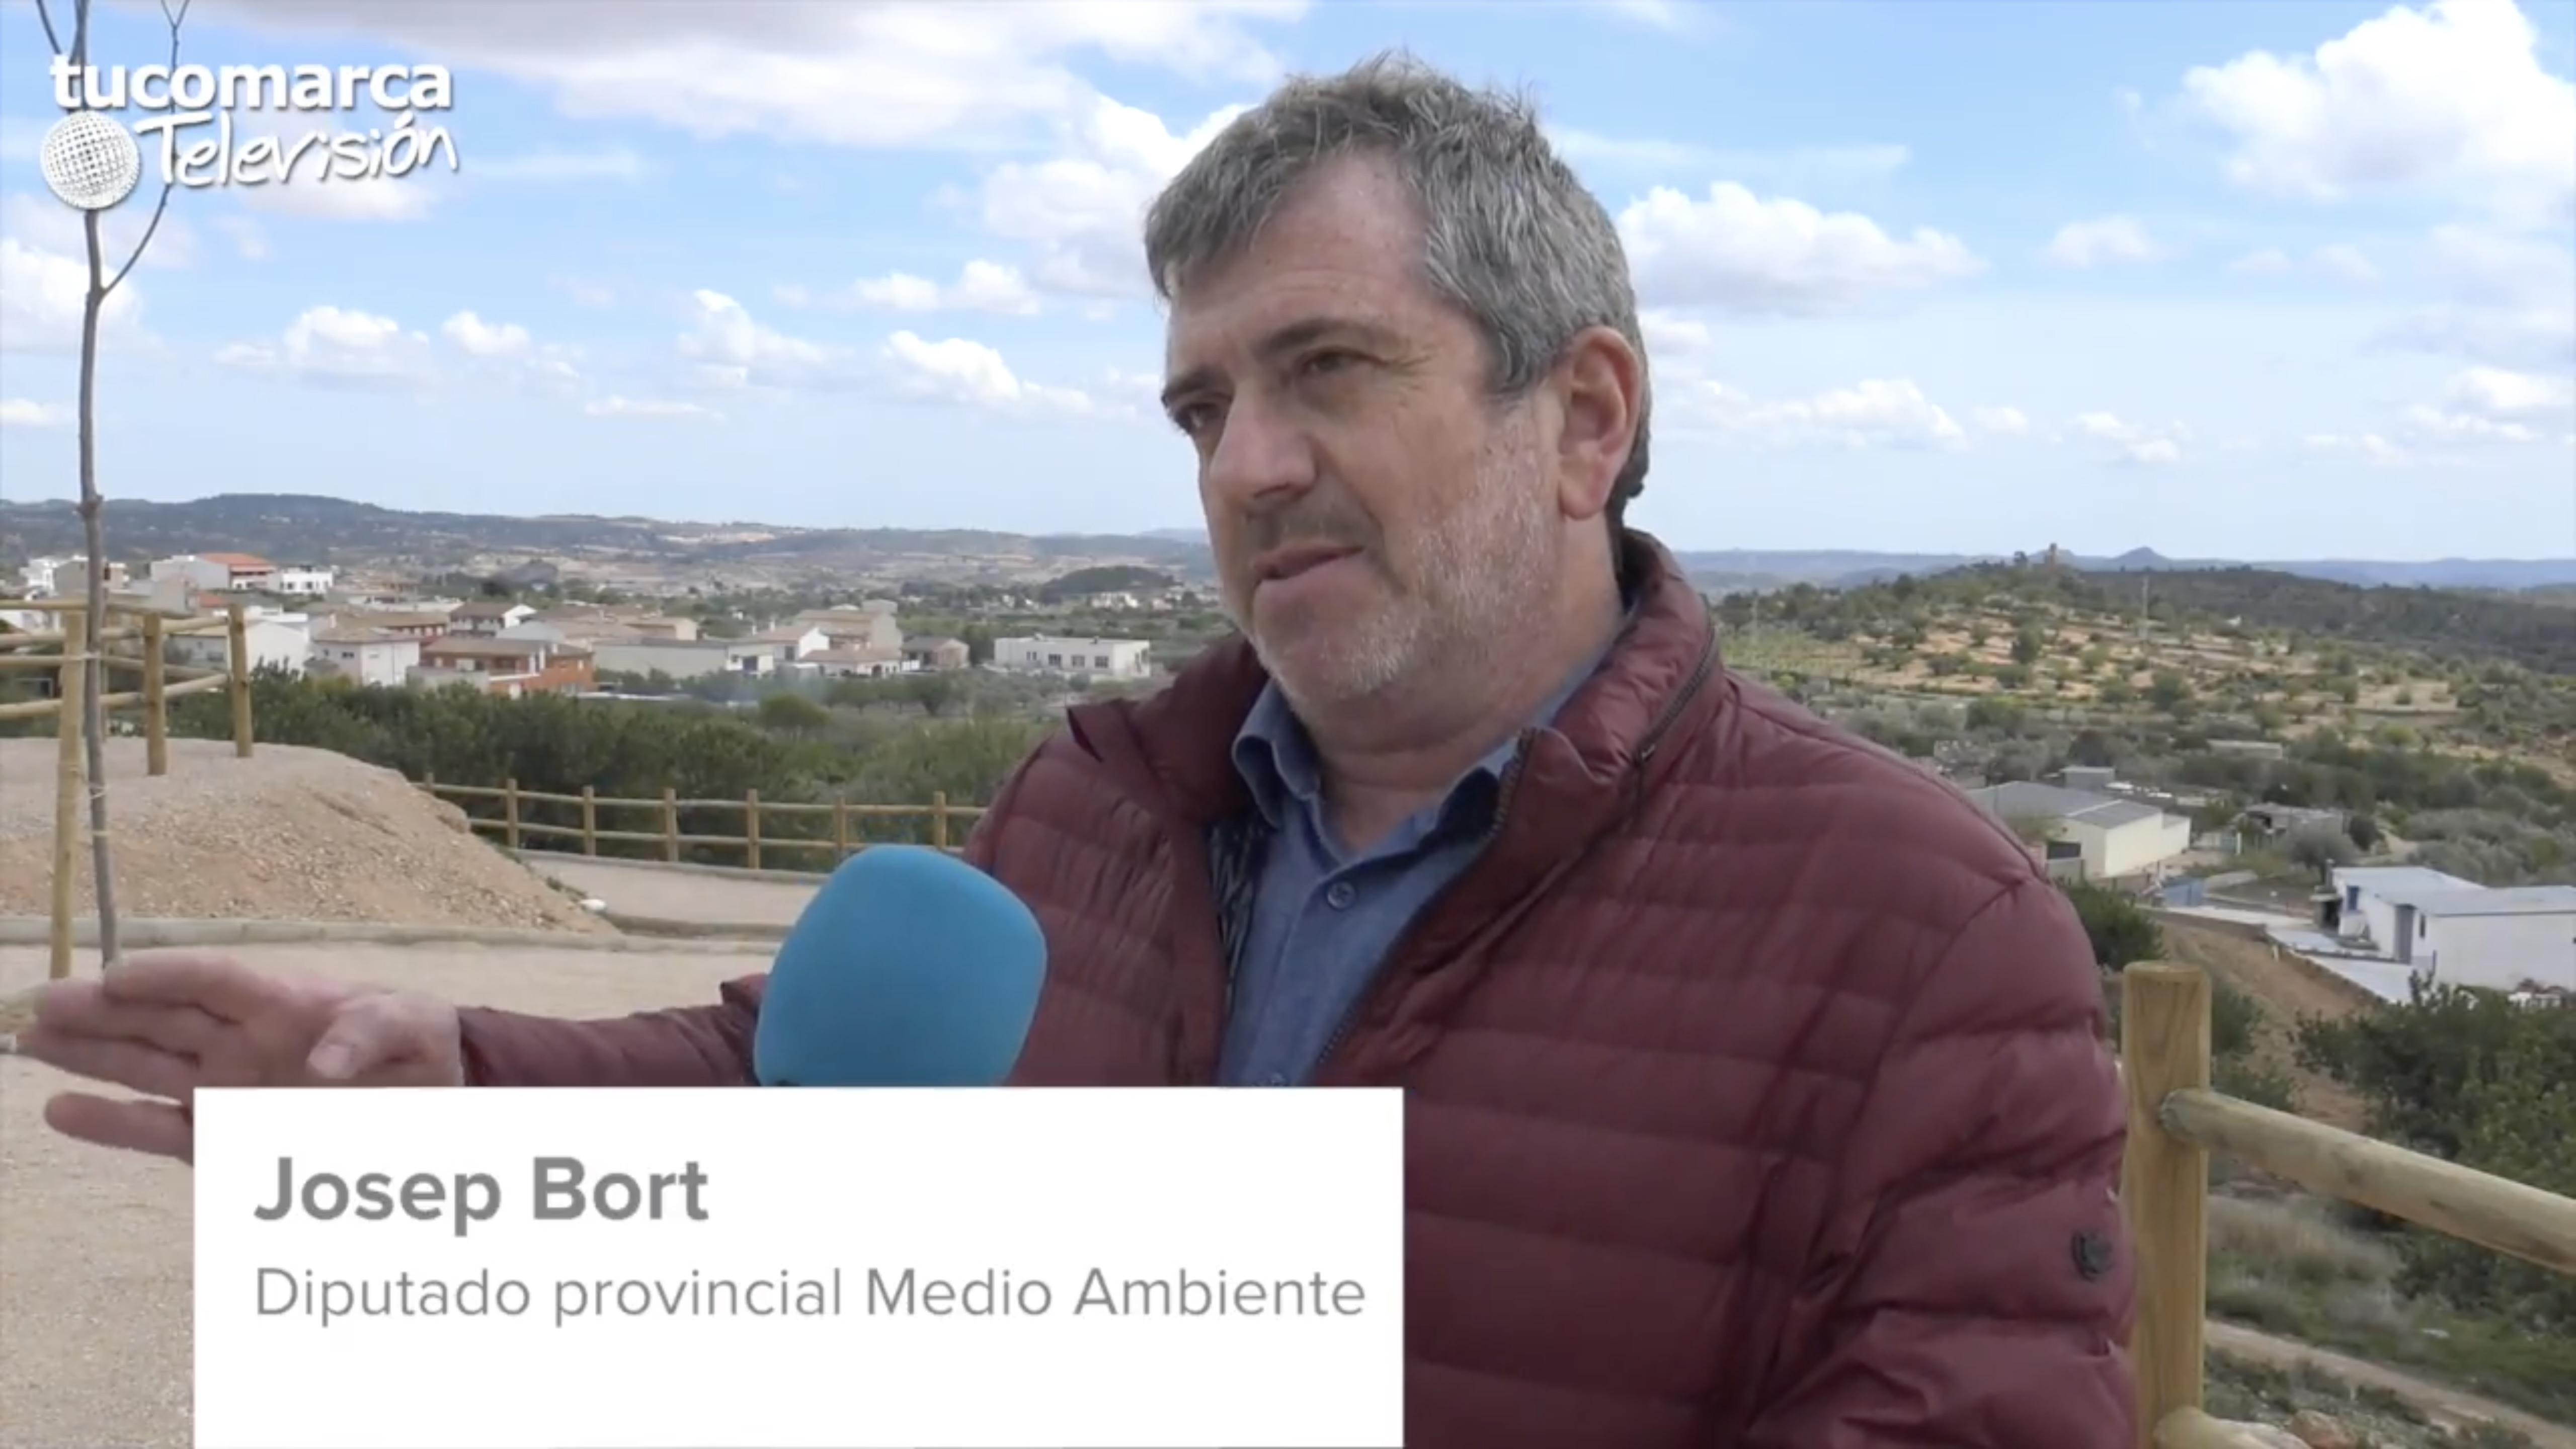 El diputado provincial de Medio Ambiente, Josep Bort, durante la entrevista realizada por tucomarca televisión.